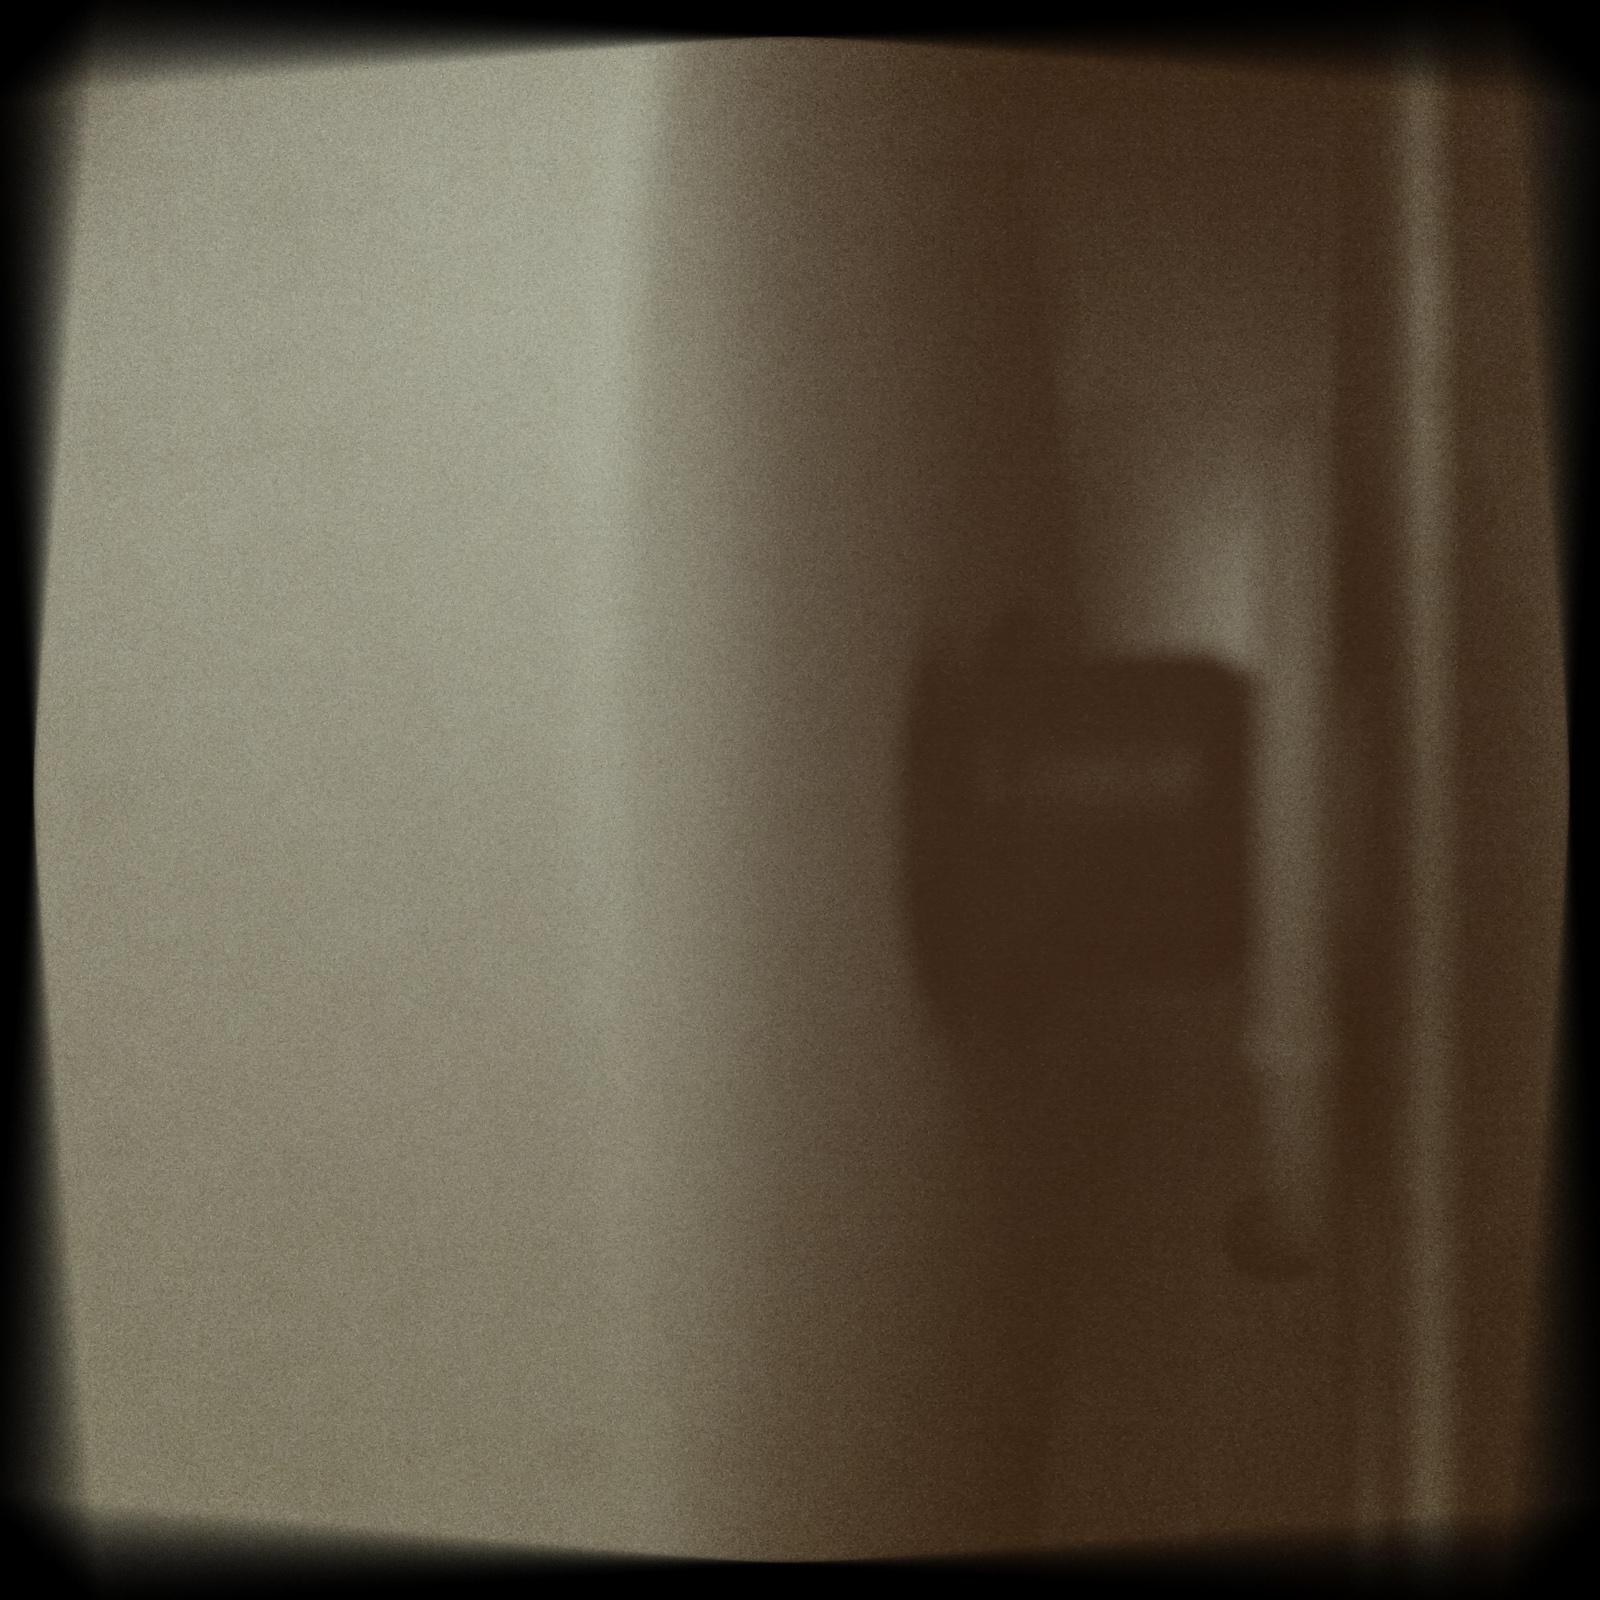 IMG 5047 2012 02 08 at 15 21 26